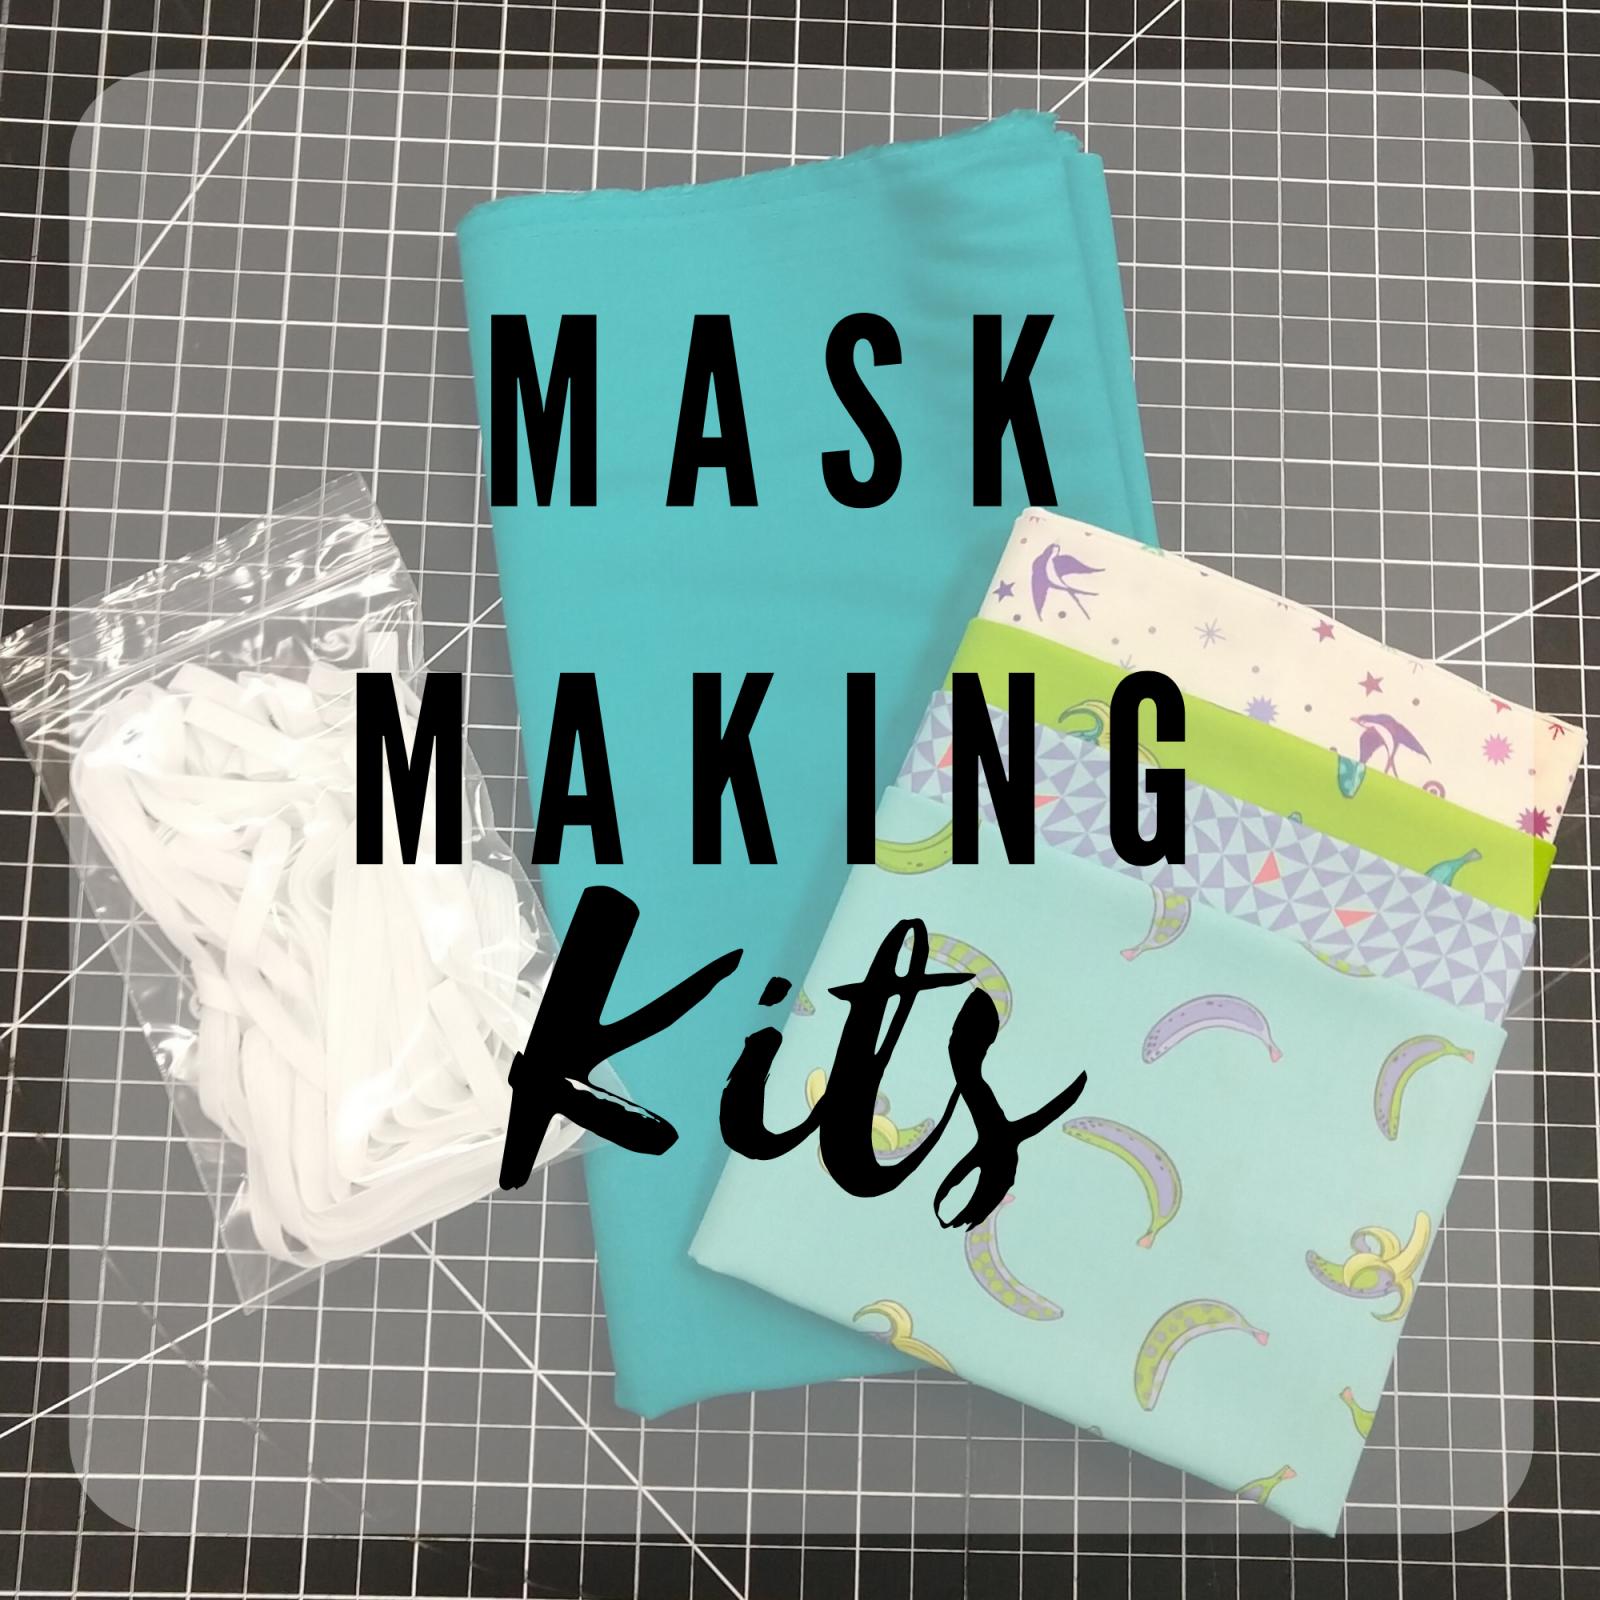 Mask Making Kits